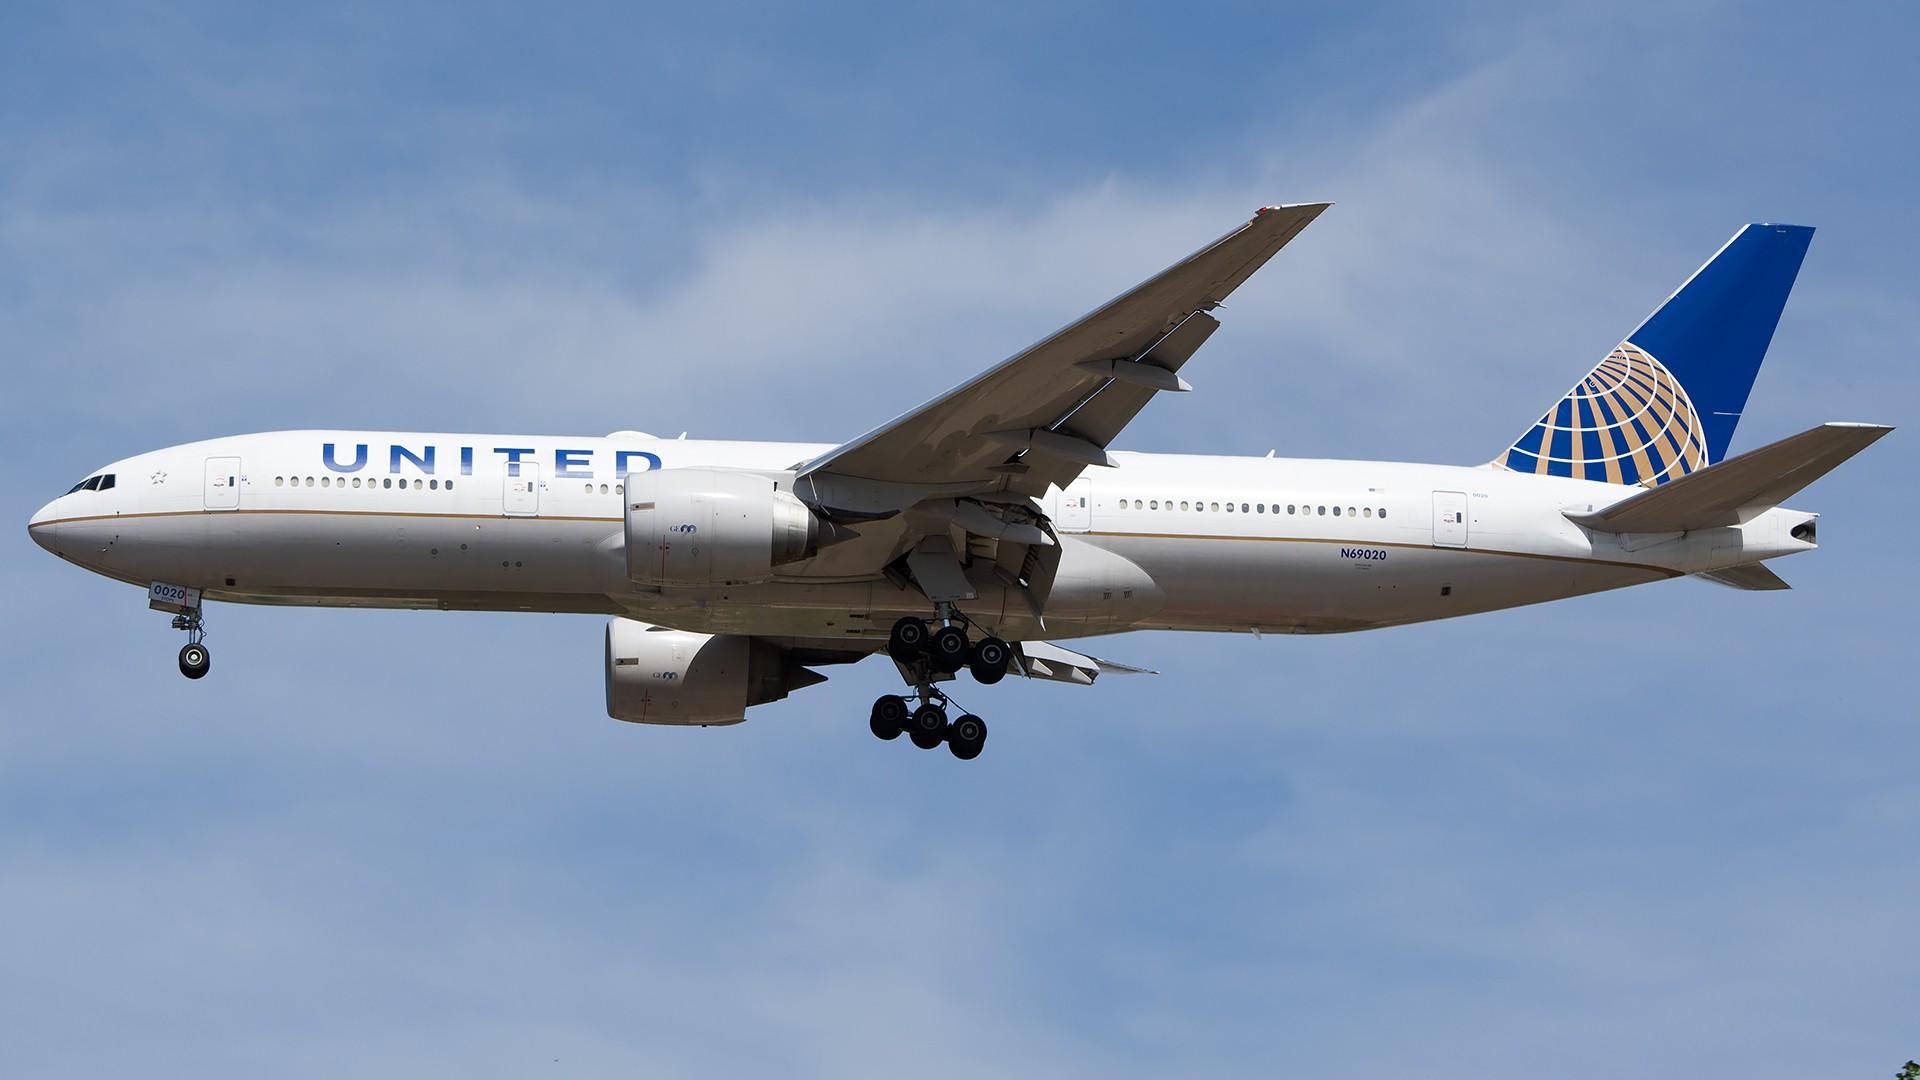 Re:[原创]PEK01午后两小时抓拍,其实是为AA的One World来的 BOEING 777-200 N69020 中国北京首都国际机场